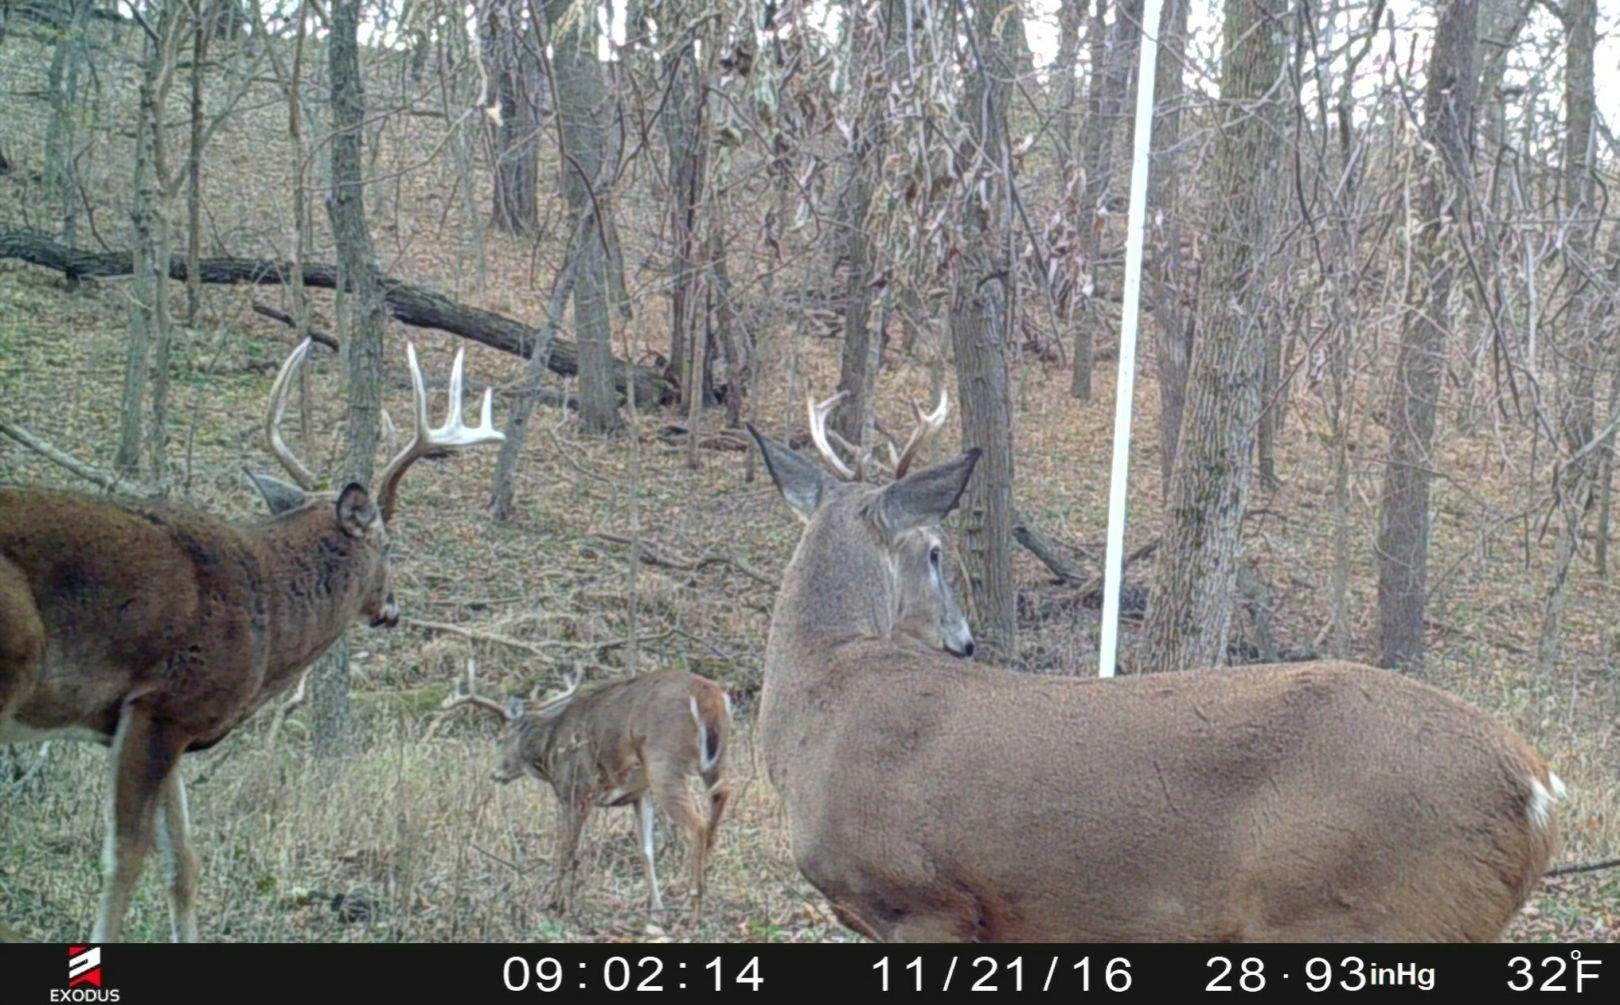 2021 Deer Rut Calendar | Calendar Printables Free Blank with Deer Rut 2021 Ohio